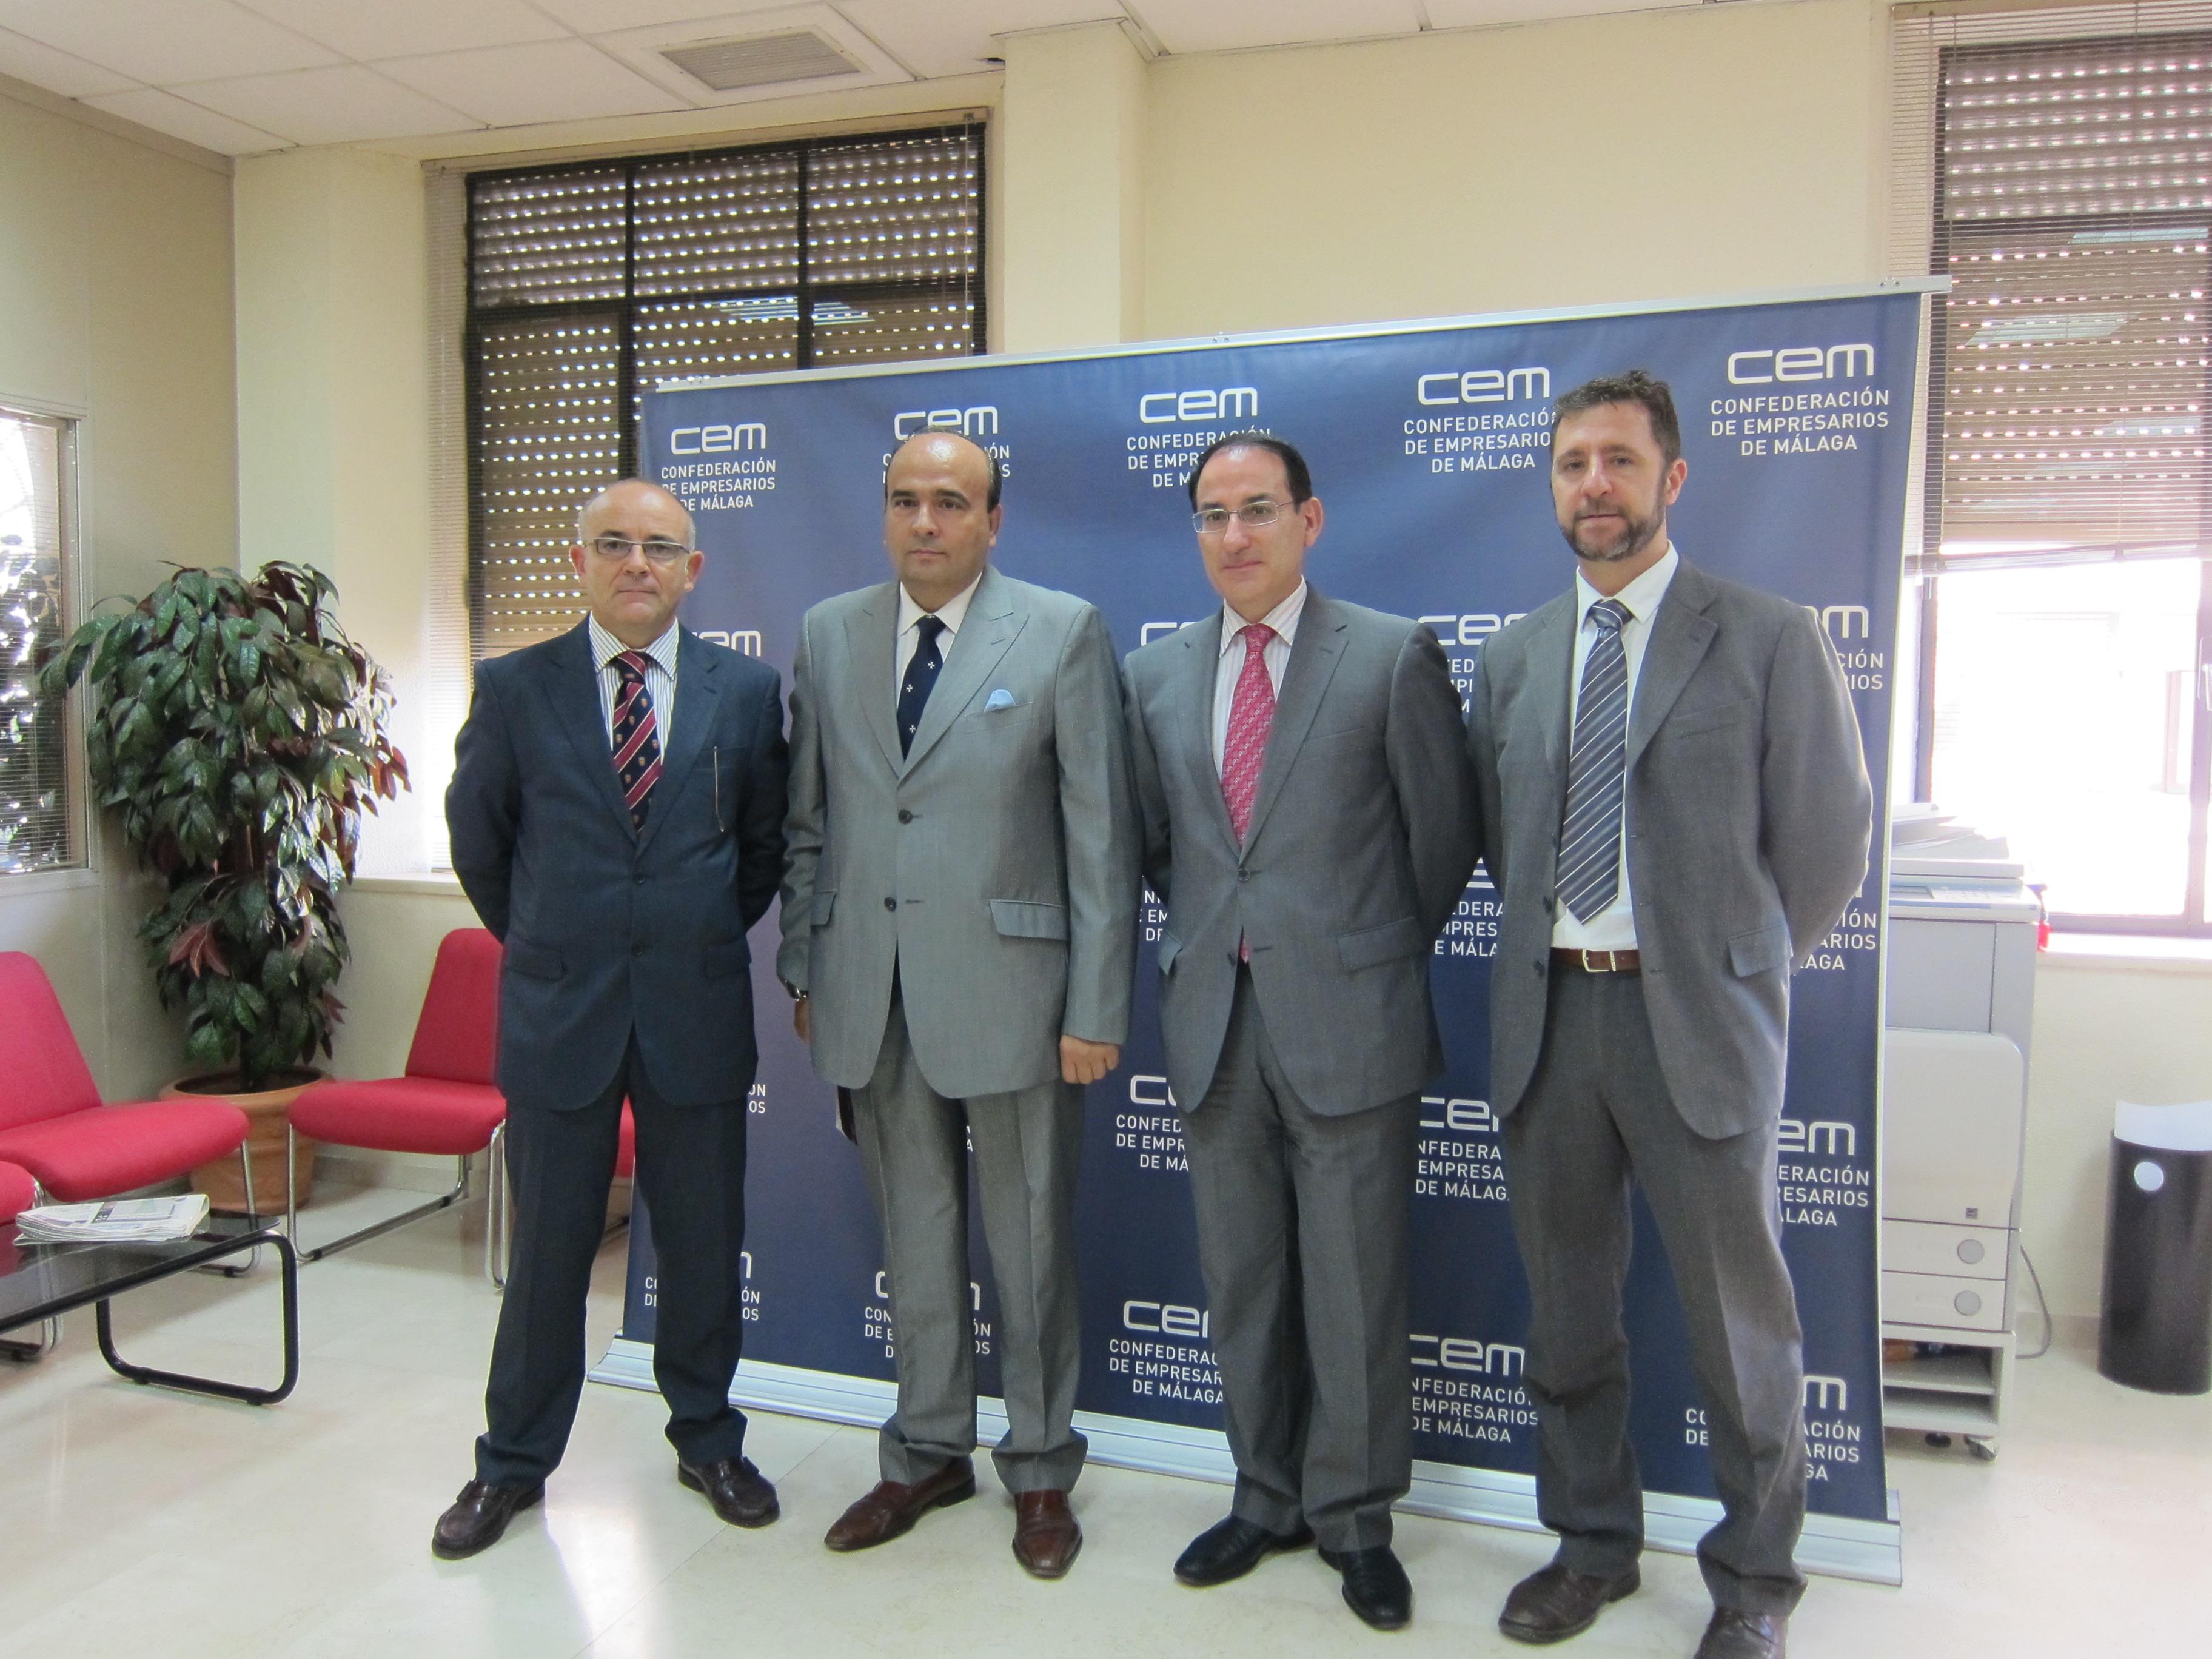 Andalucía incorporó 17 nuevas cadenas de franquicias en 2012 y alcanza las 104 centrales